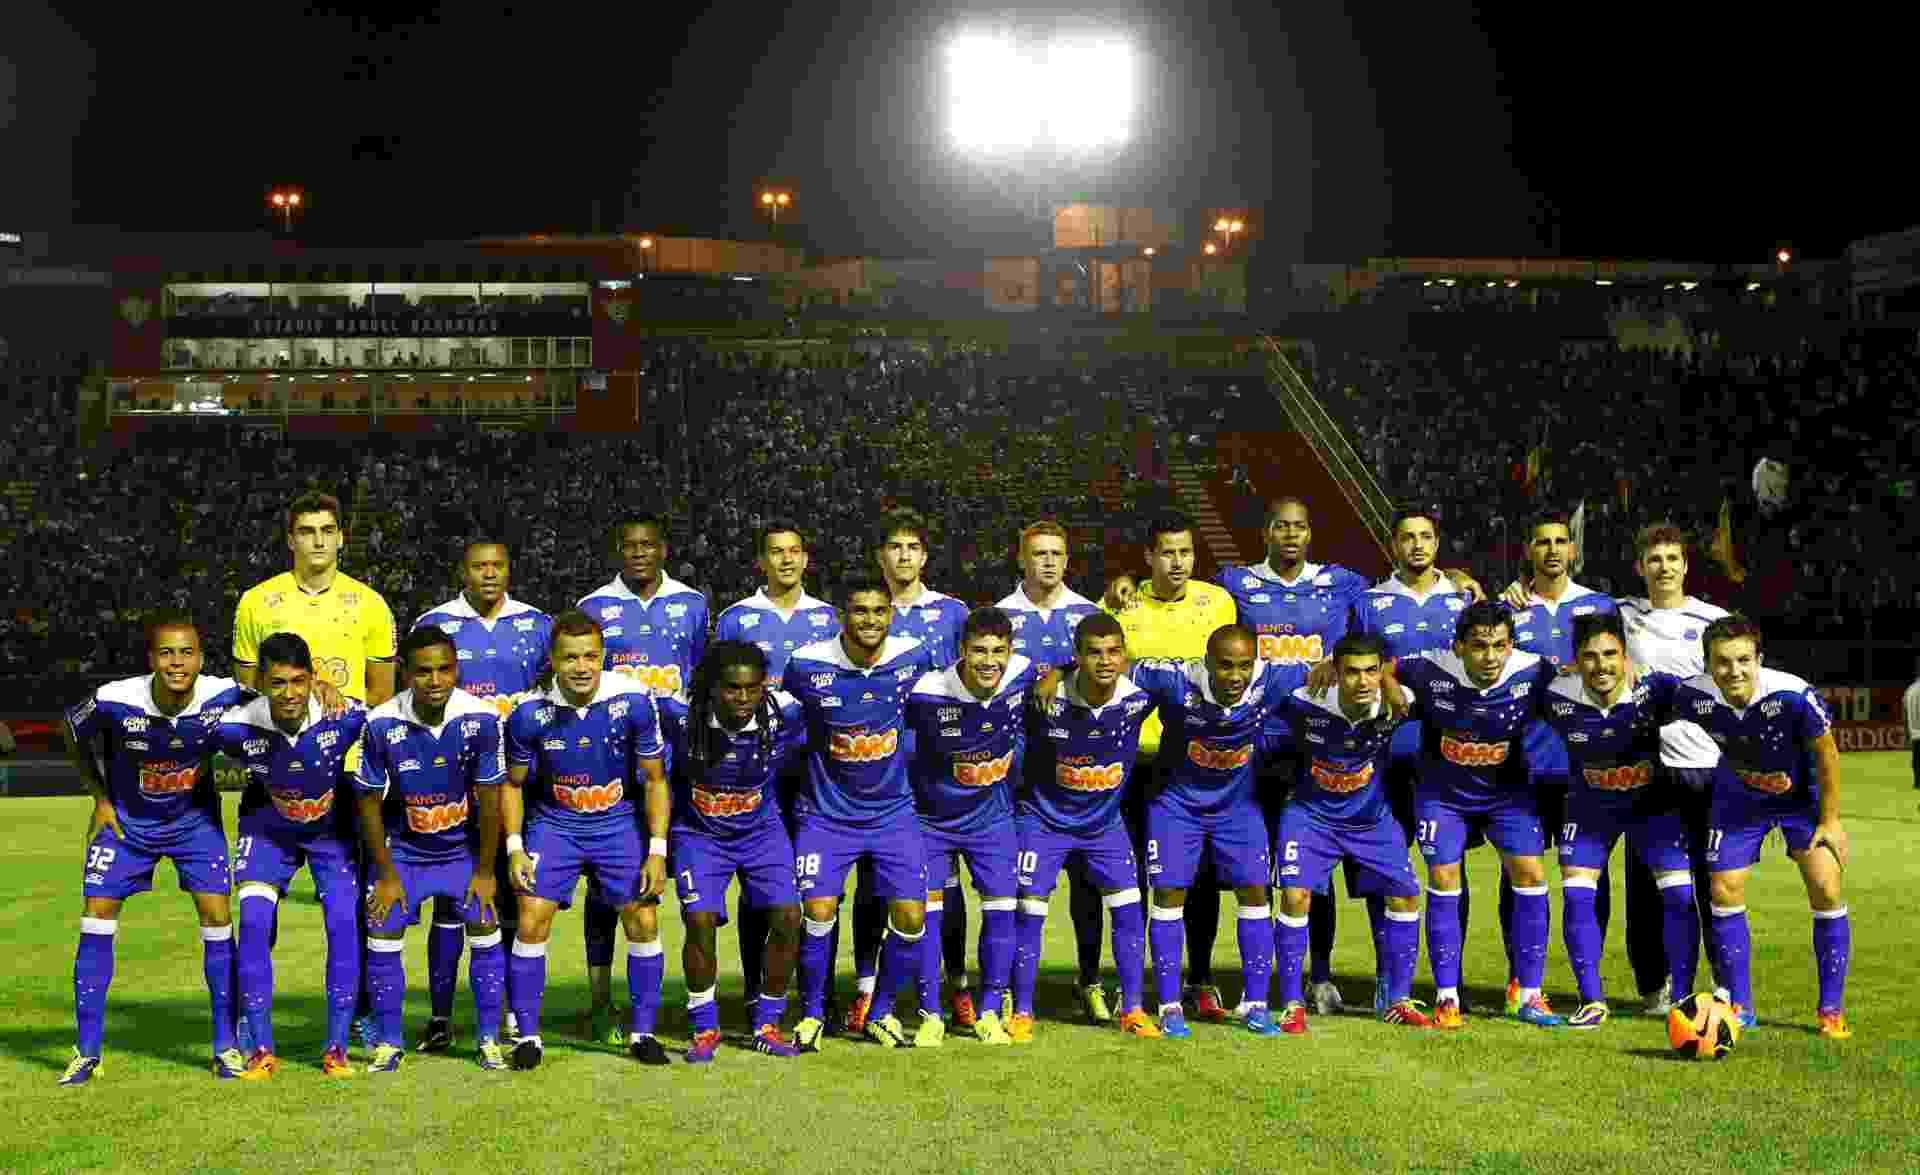 03c34337ff Título brasileiro ajuda Cruzeiro a aumentar receitas em 2013 - 26 04 ...